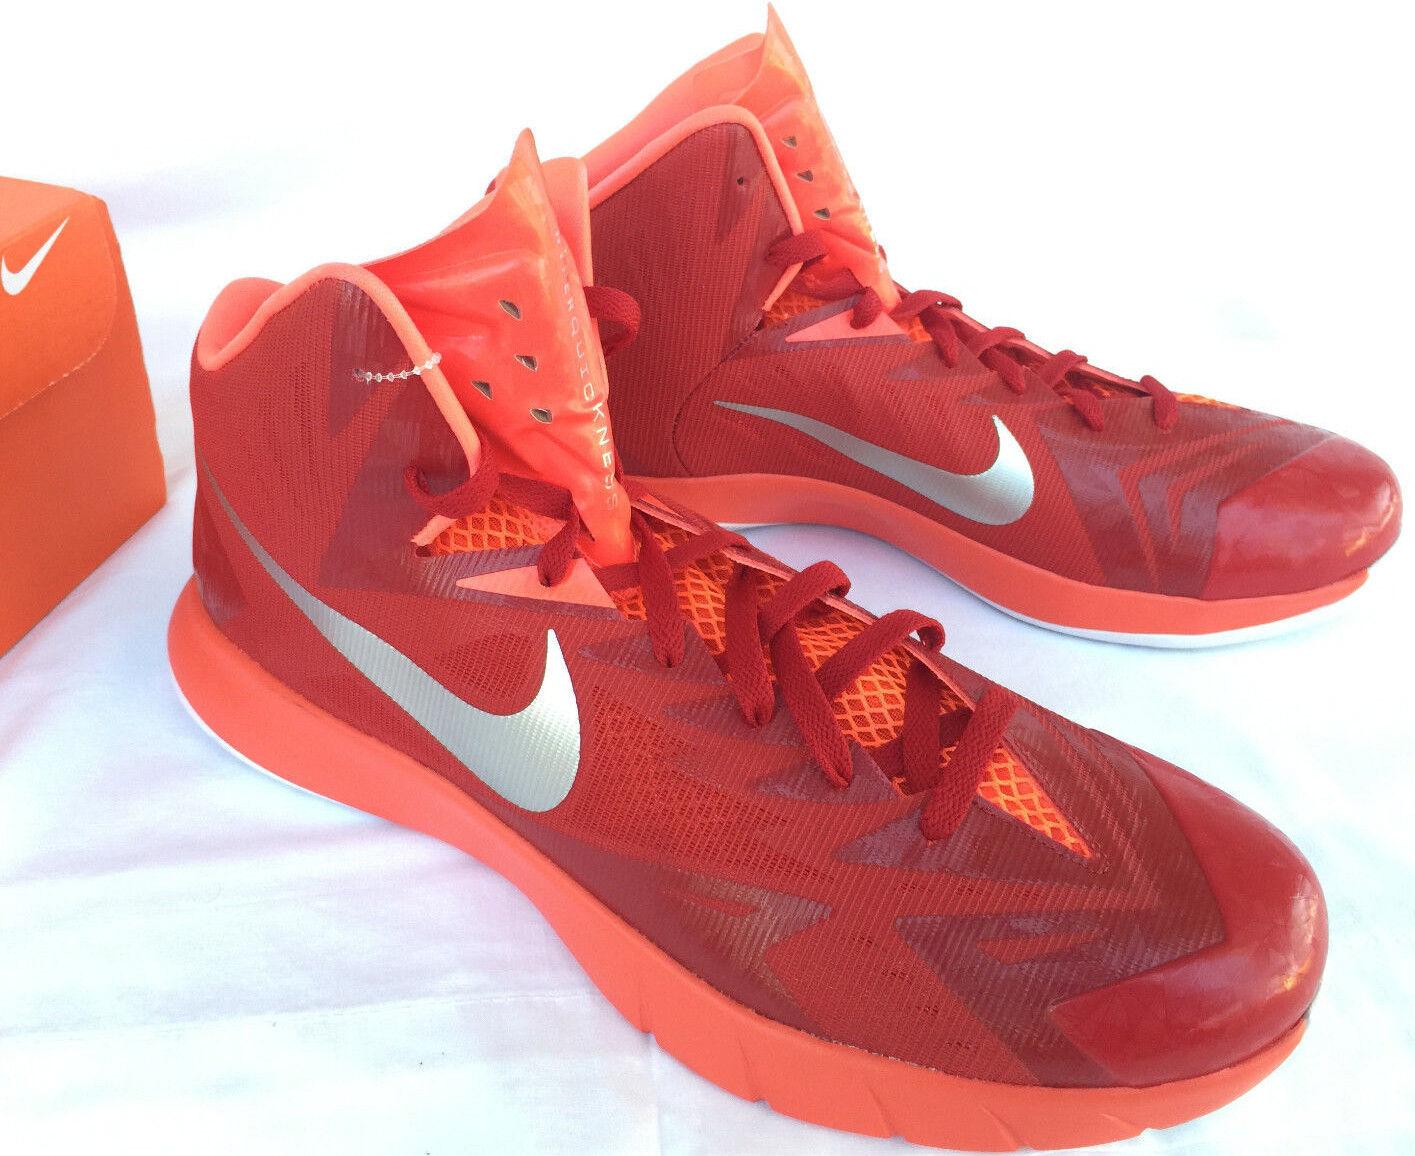 best service 1b25f 5a77b ... usa nike lunar de hyperquickness tb 652775 606 rojo zapatos de lunar  baloncesto para hombres 14